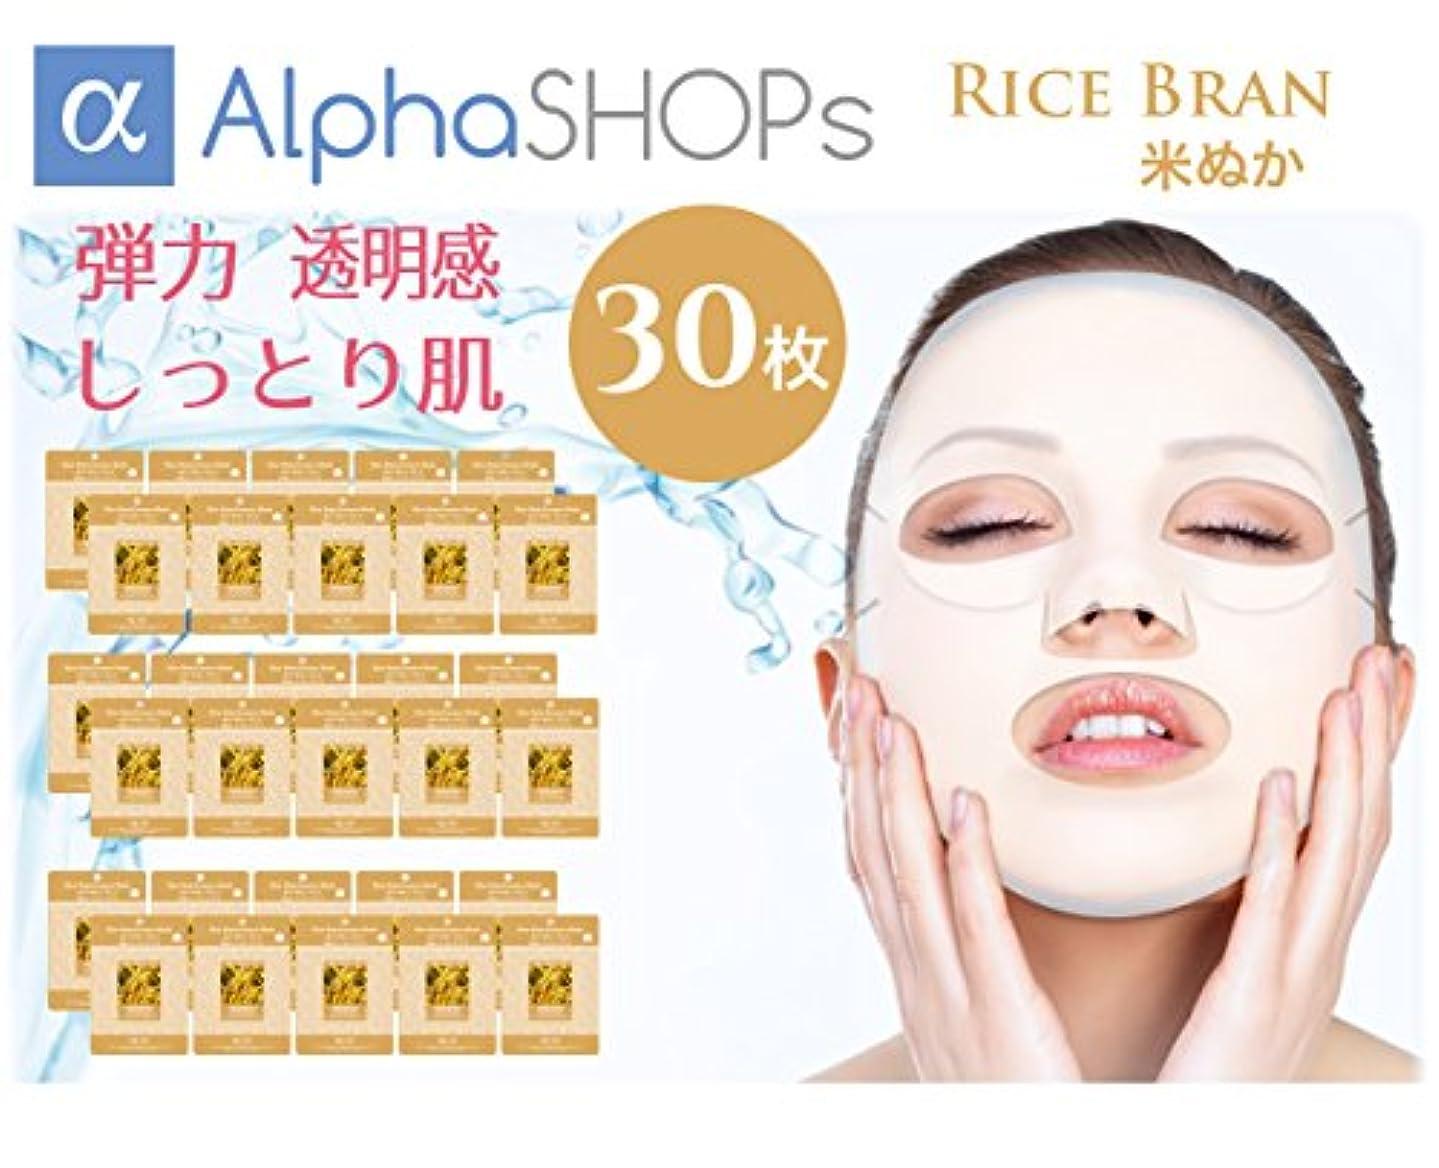 バンクキノコ女将フェイスパック フェイスマスクパック 米ぬか ランキング 上位 韓国コスメ 30枚セット